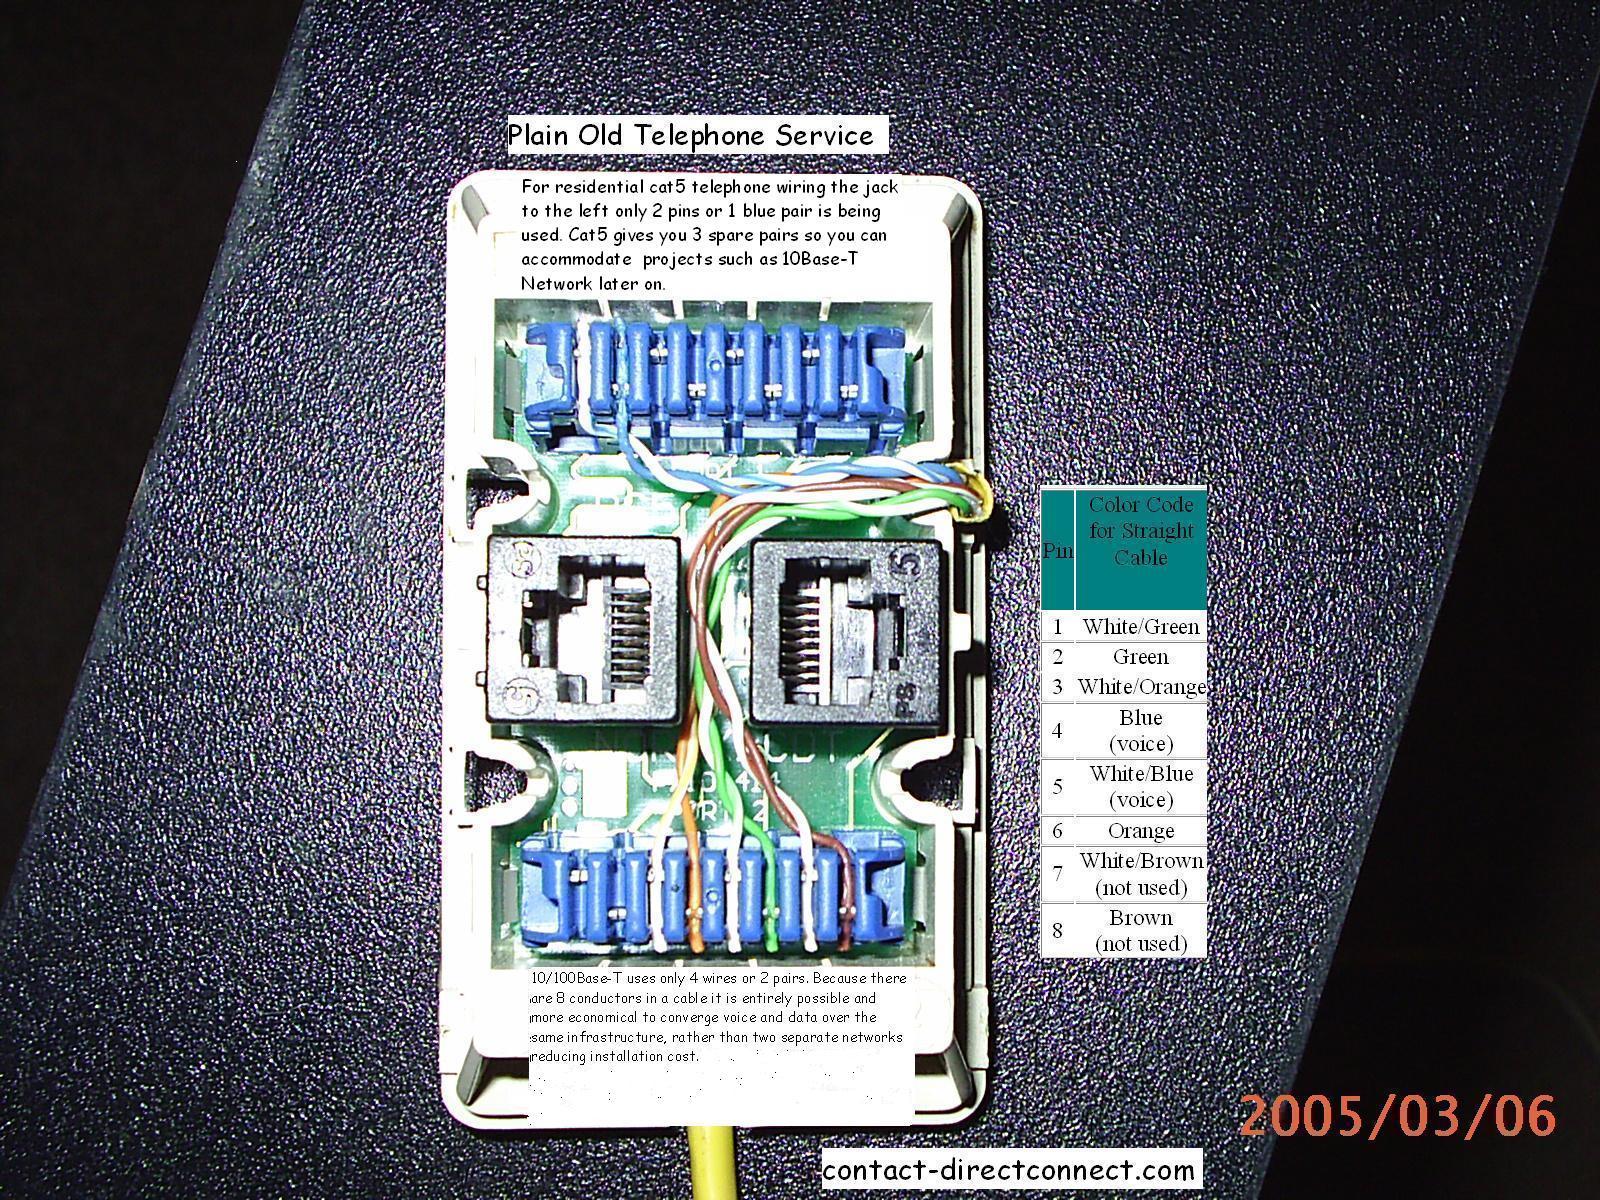 hight resolution of nordx cdt wiring diagram 24 wiring diagram images telephone jack wiring diagram telephone jack wiring diagram